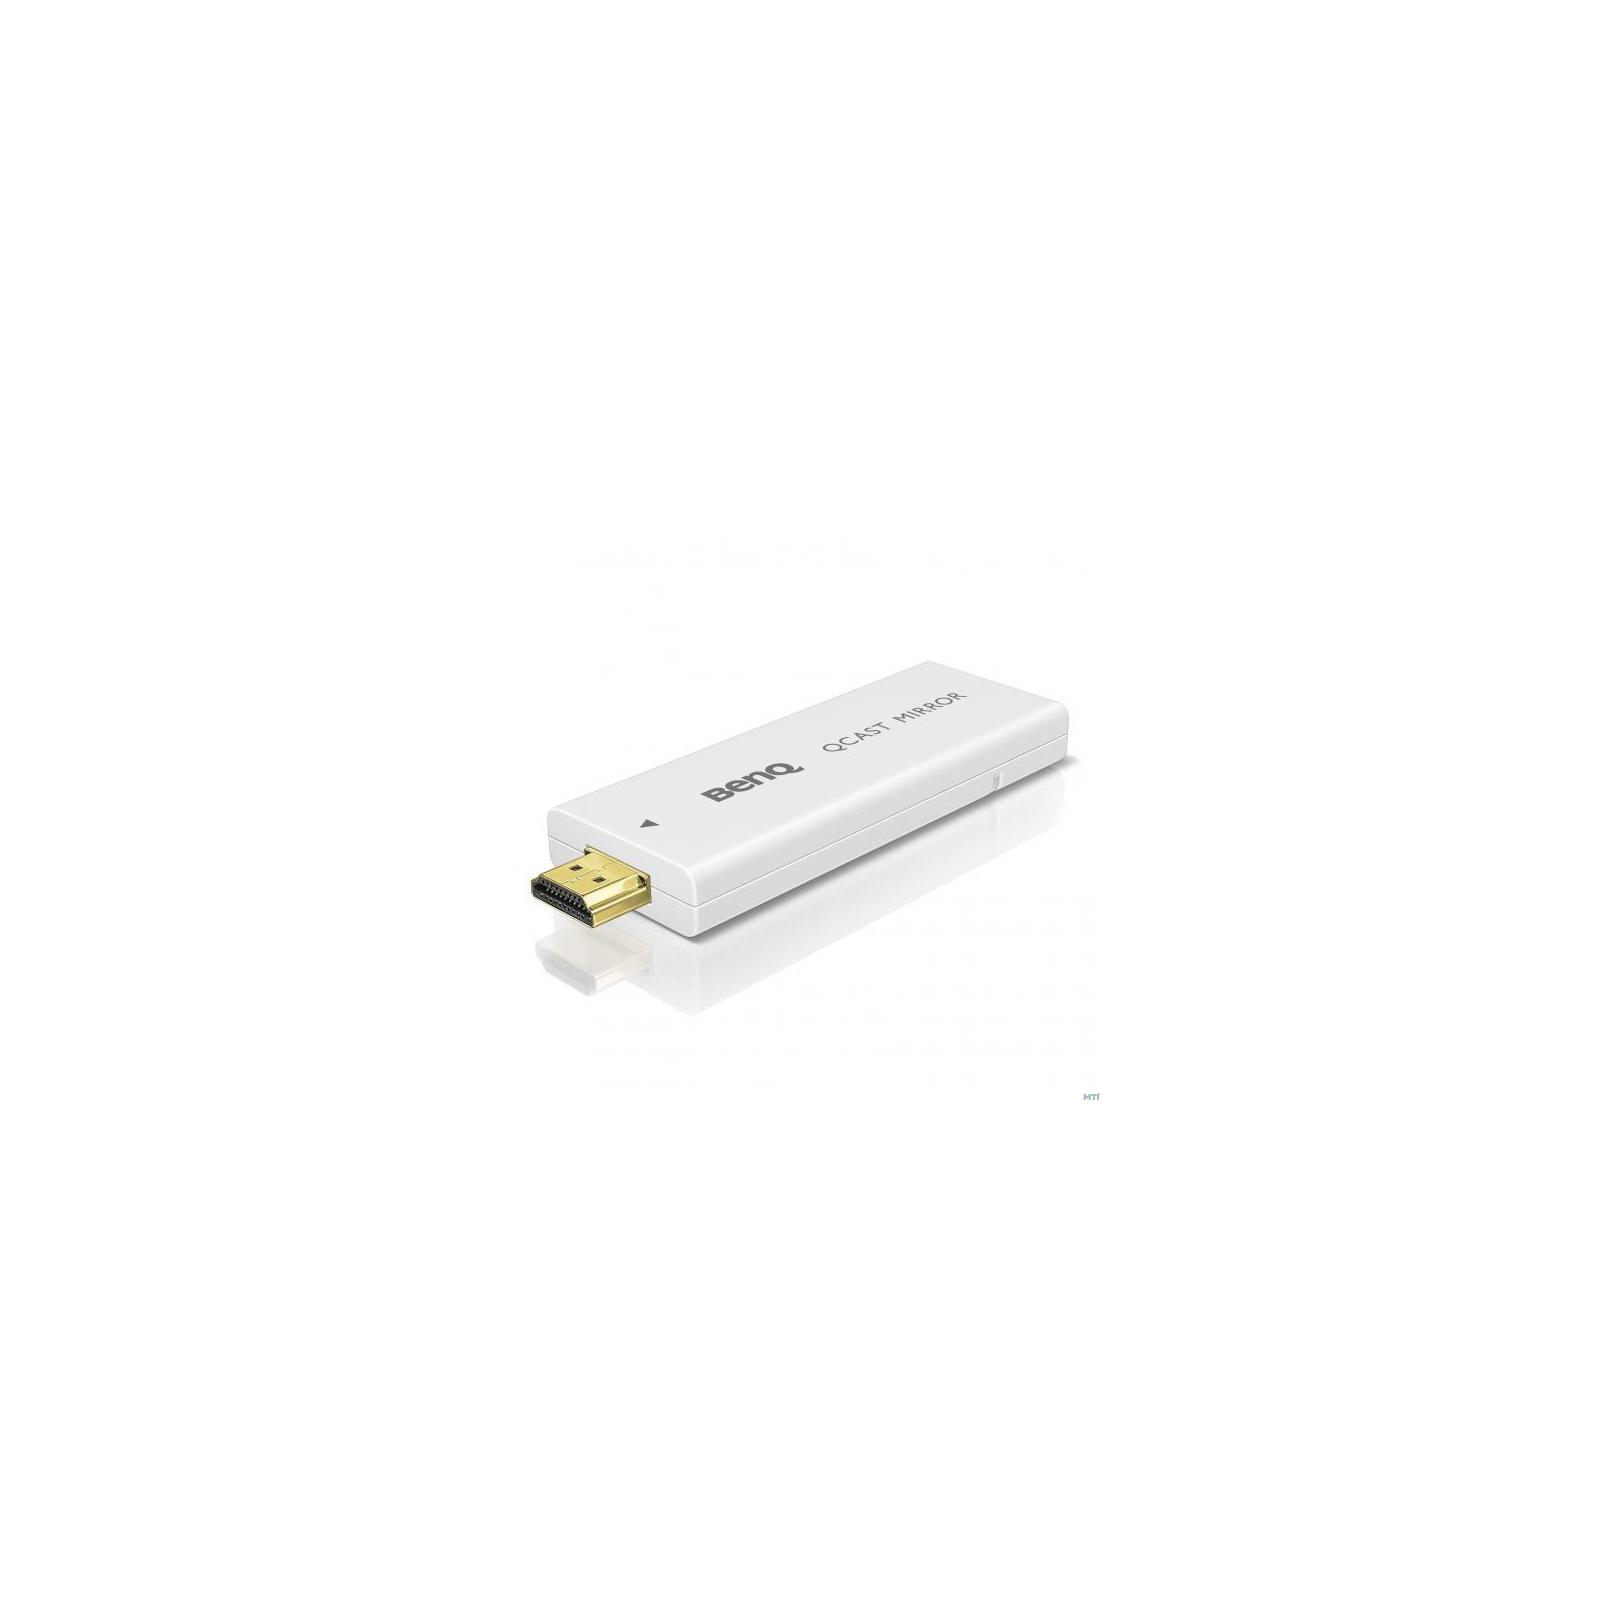 Беспроводной адаптер BenQ QCAST(QP20) (5A.JH328.10E)